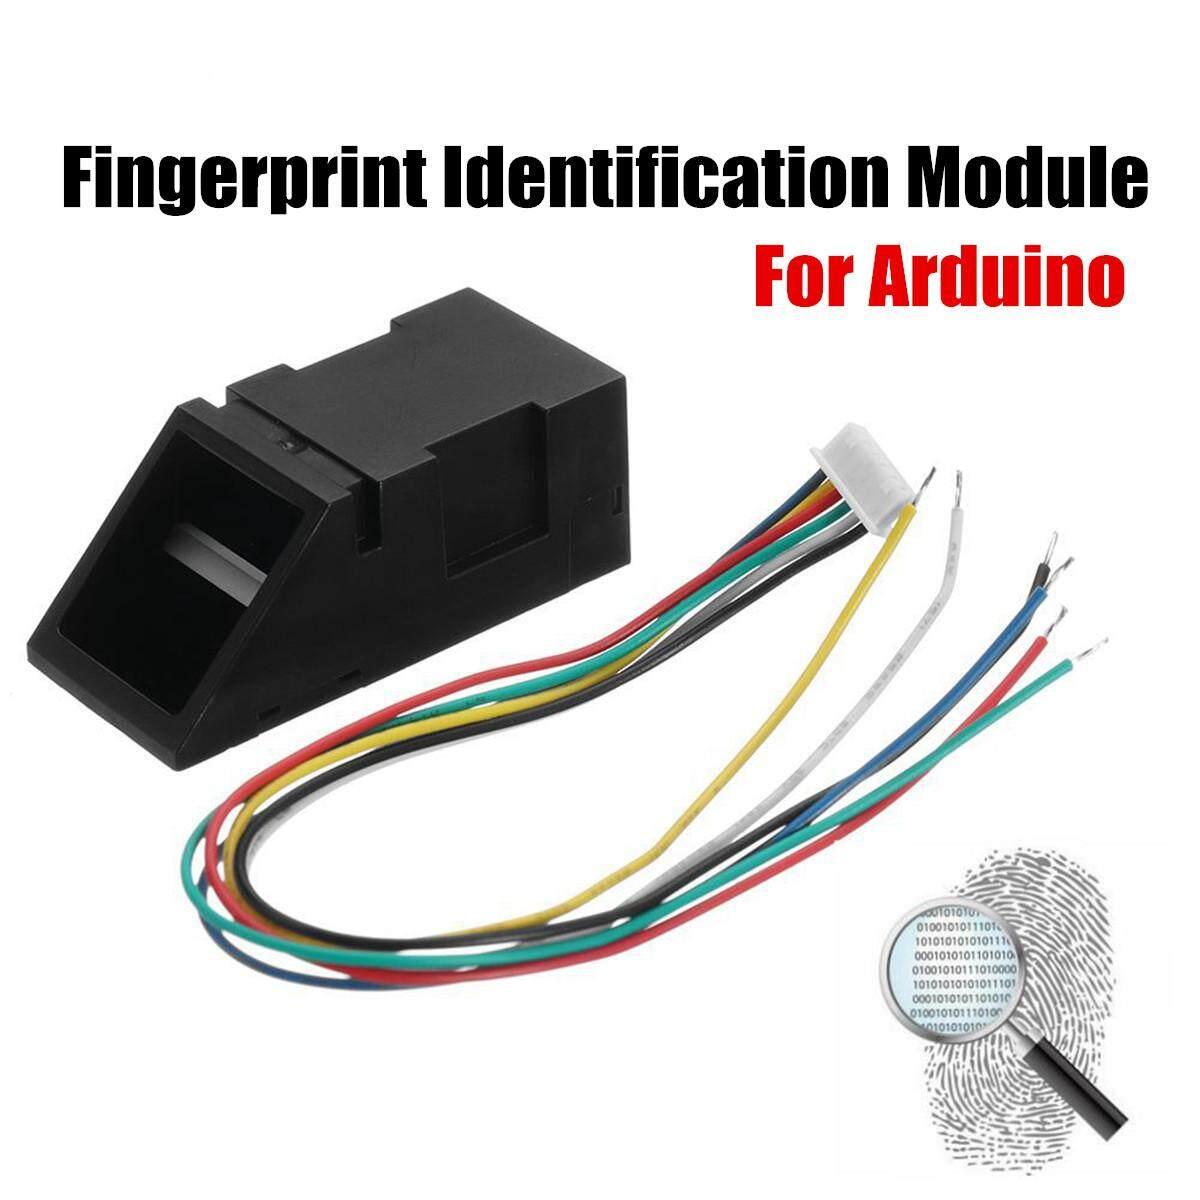 Fingerprint Scanner for sale - Fingerprint Reader prices, brands